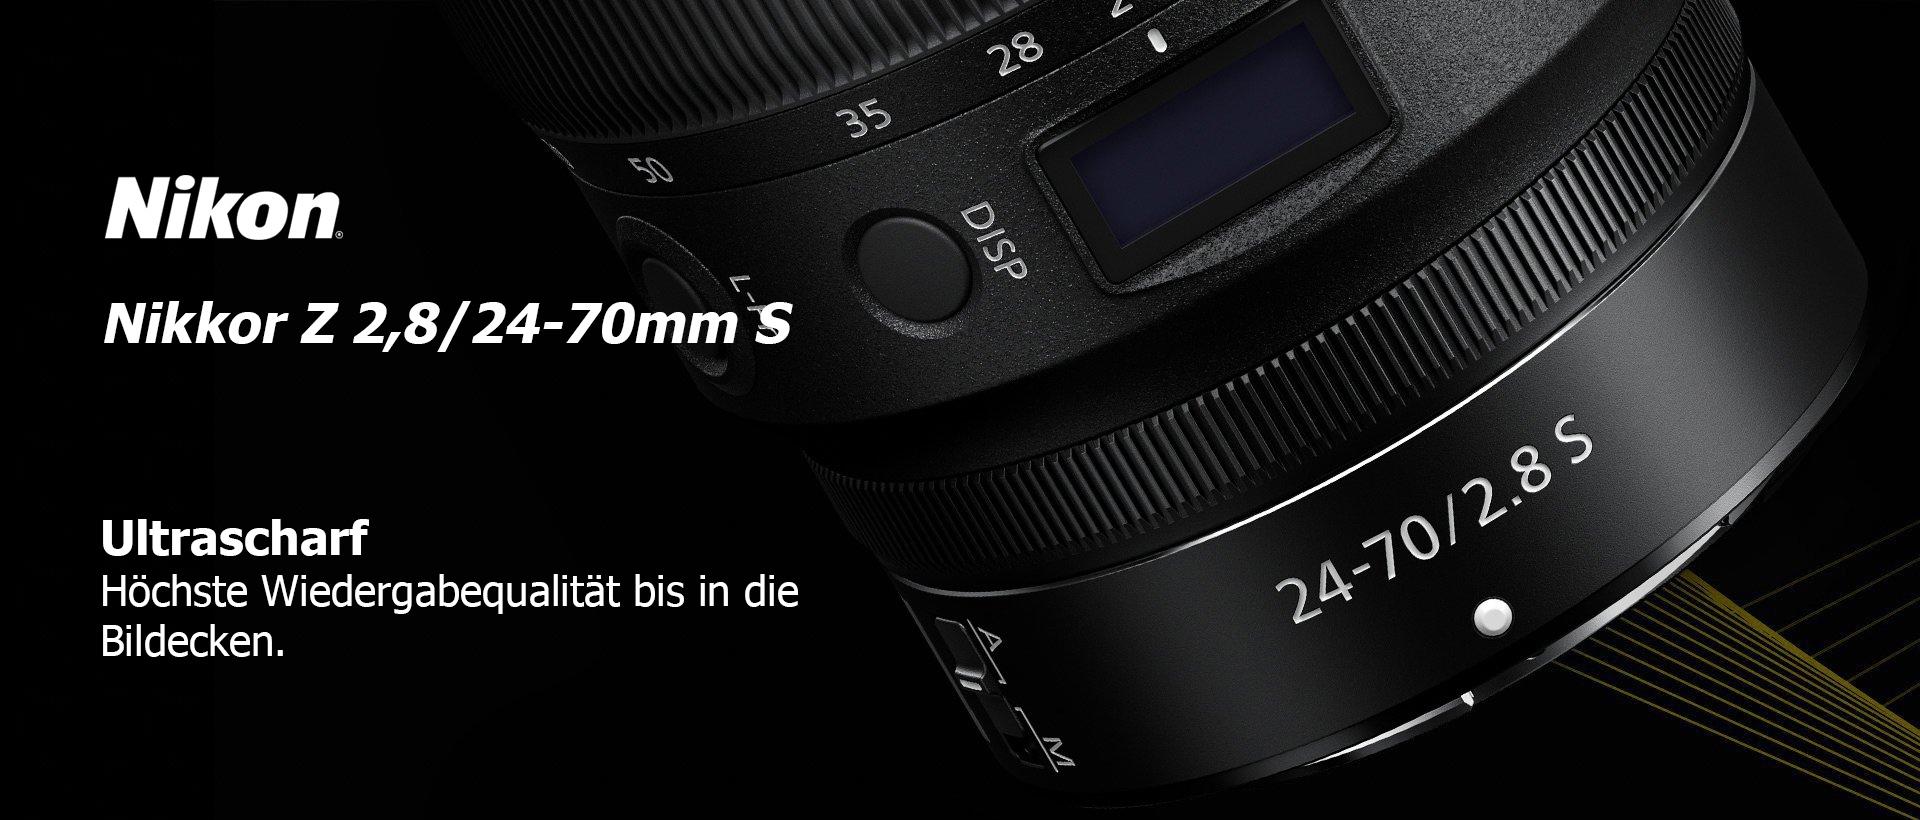 Nikon Z 2,8/24-70mm S